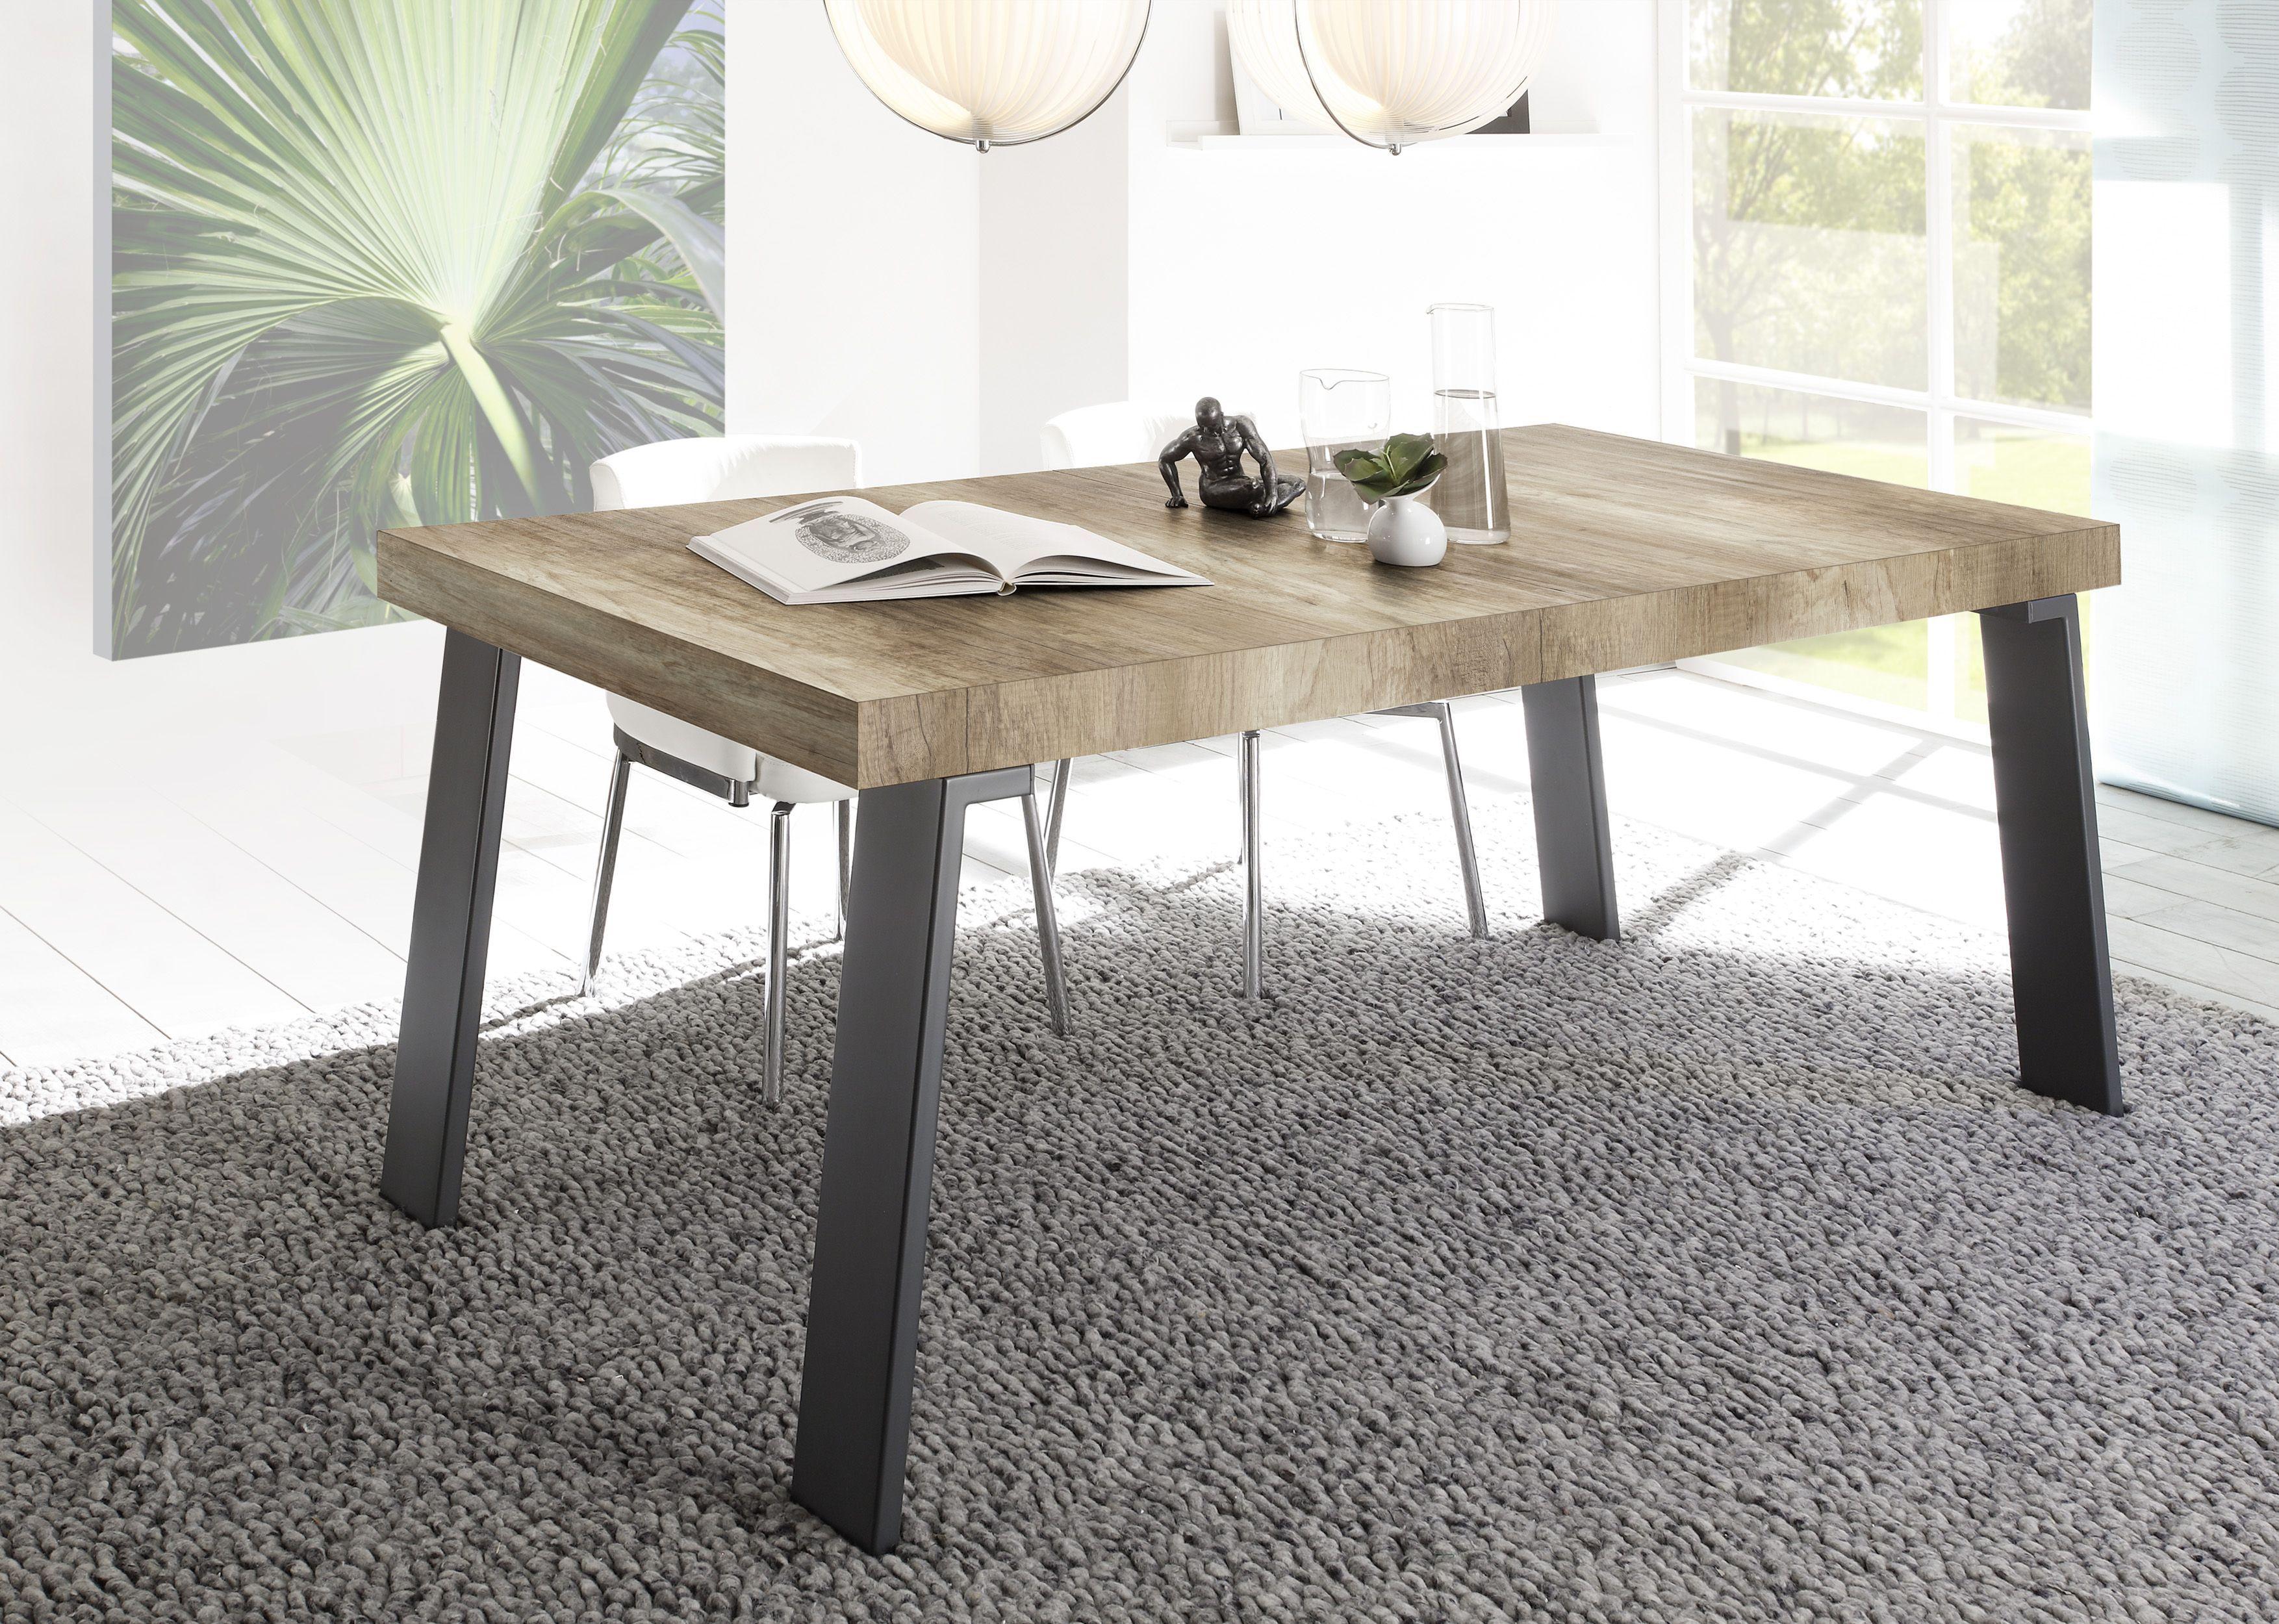 Massivholzmöbel modern  Esstisch 168 X 88 Cm Canyon Oak Nachbildung/ Metallfüsse Woody 12 ...